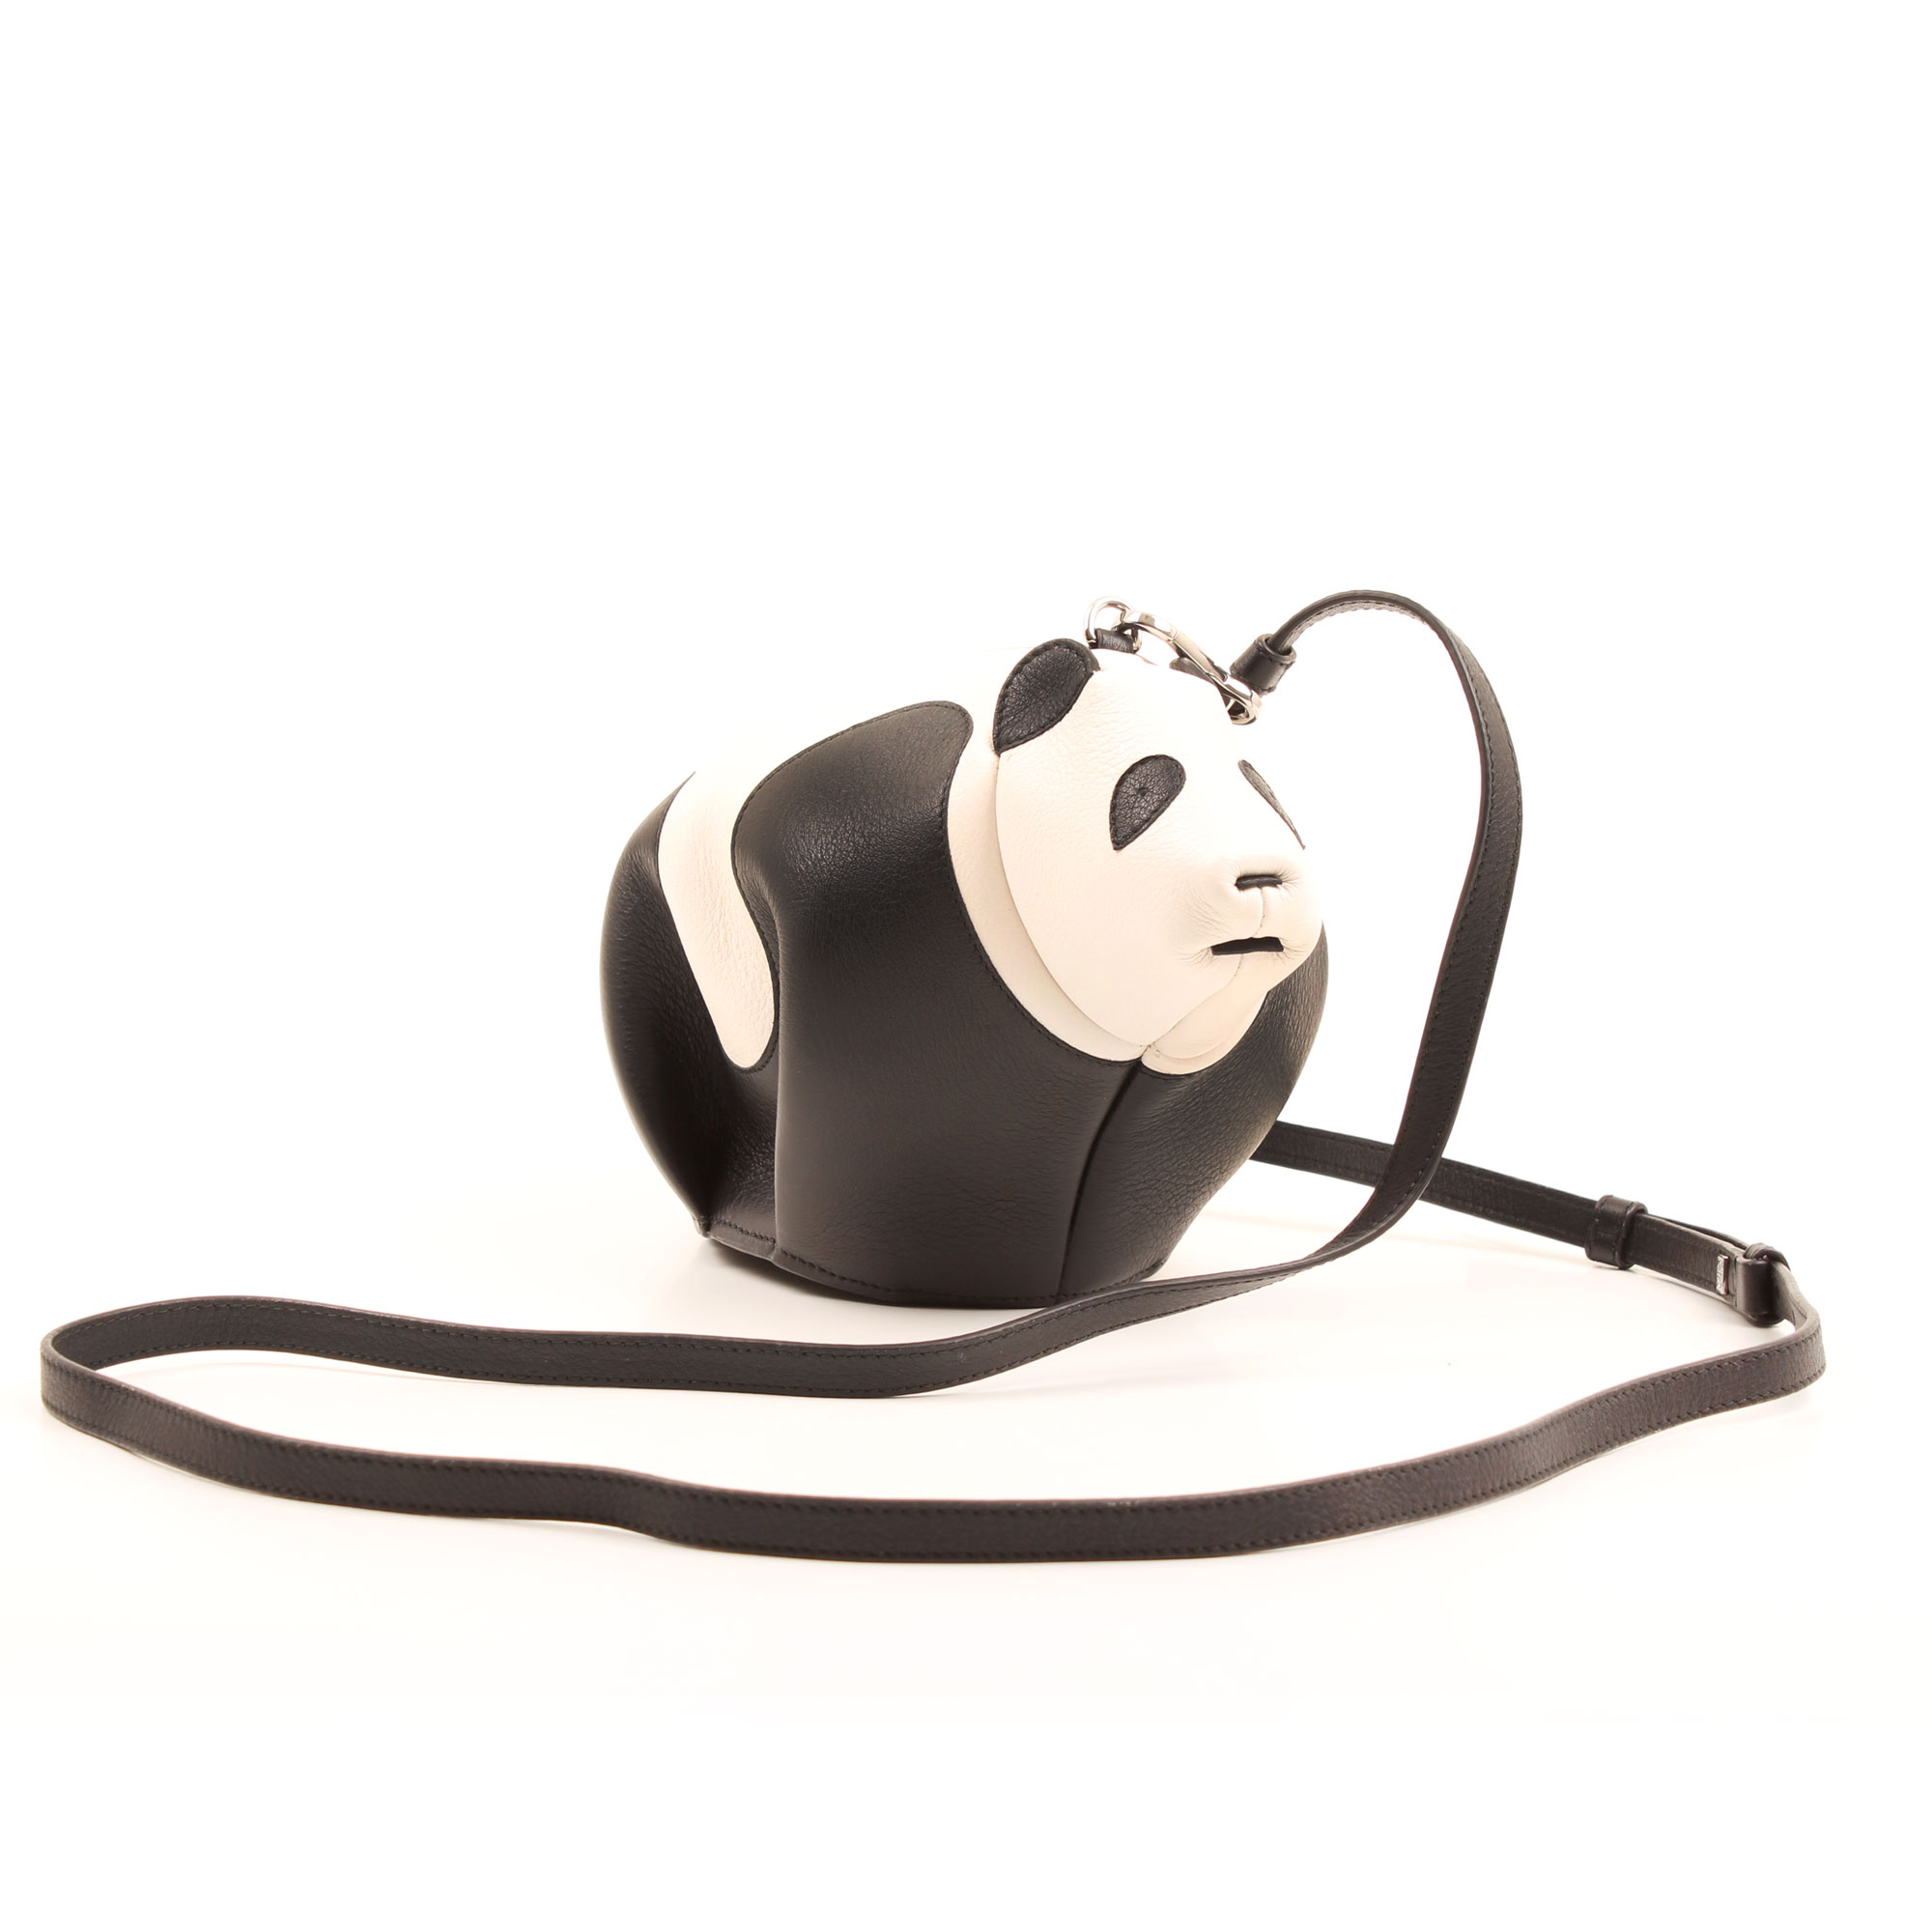 Imagen con la bandolera del bolso loewe mini panda piel